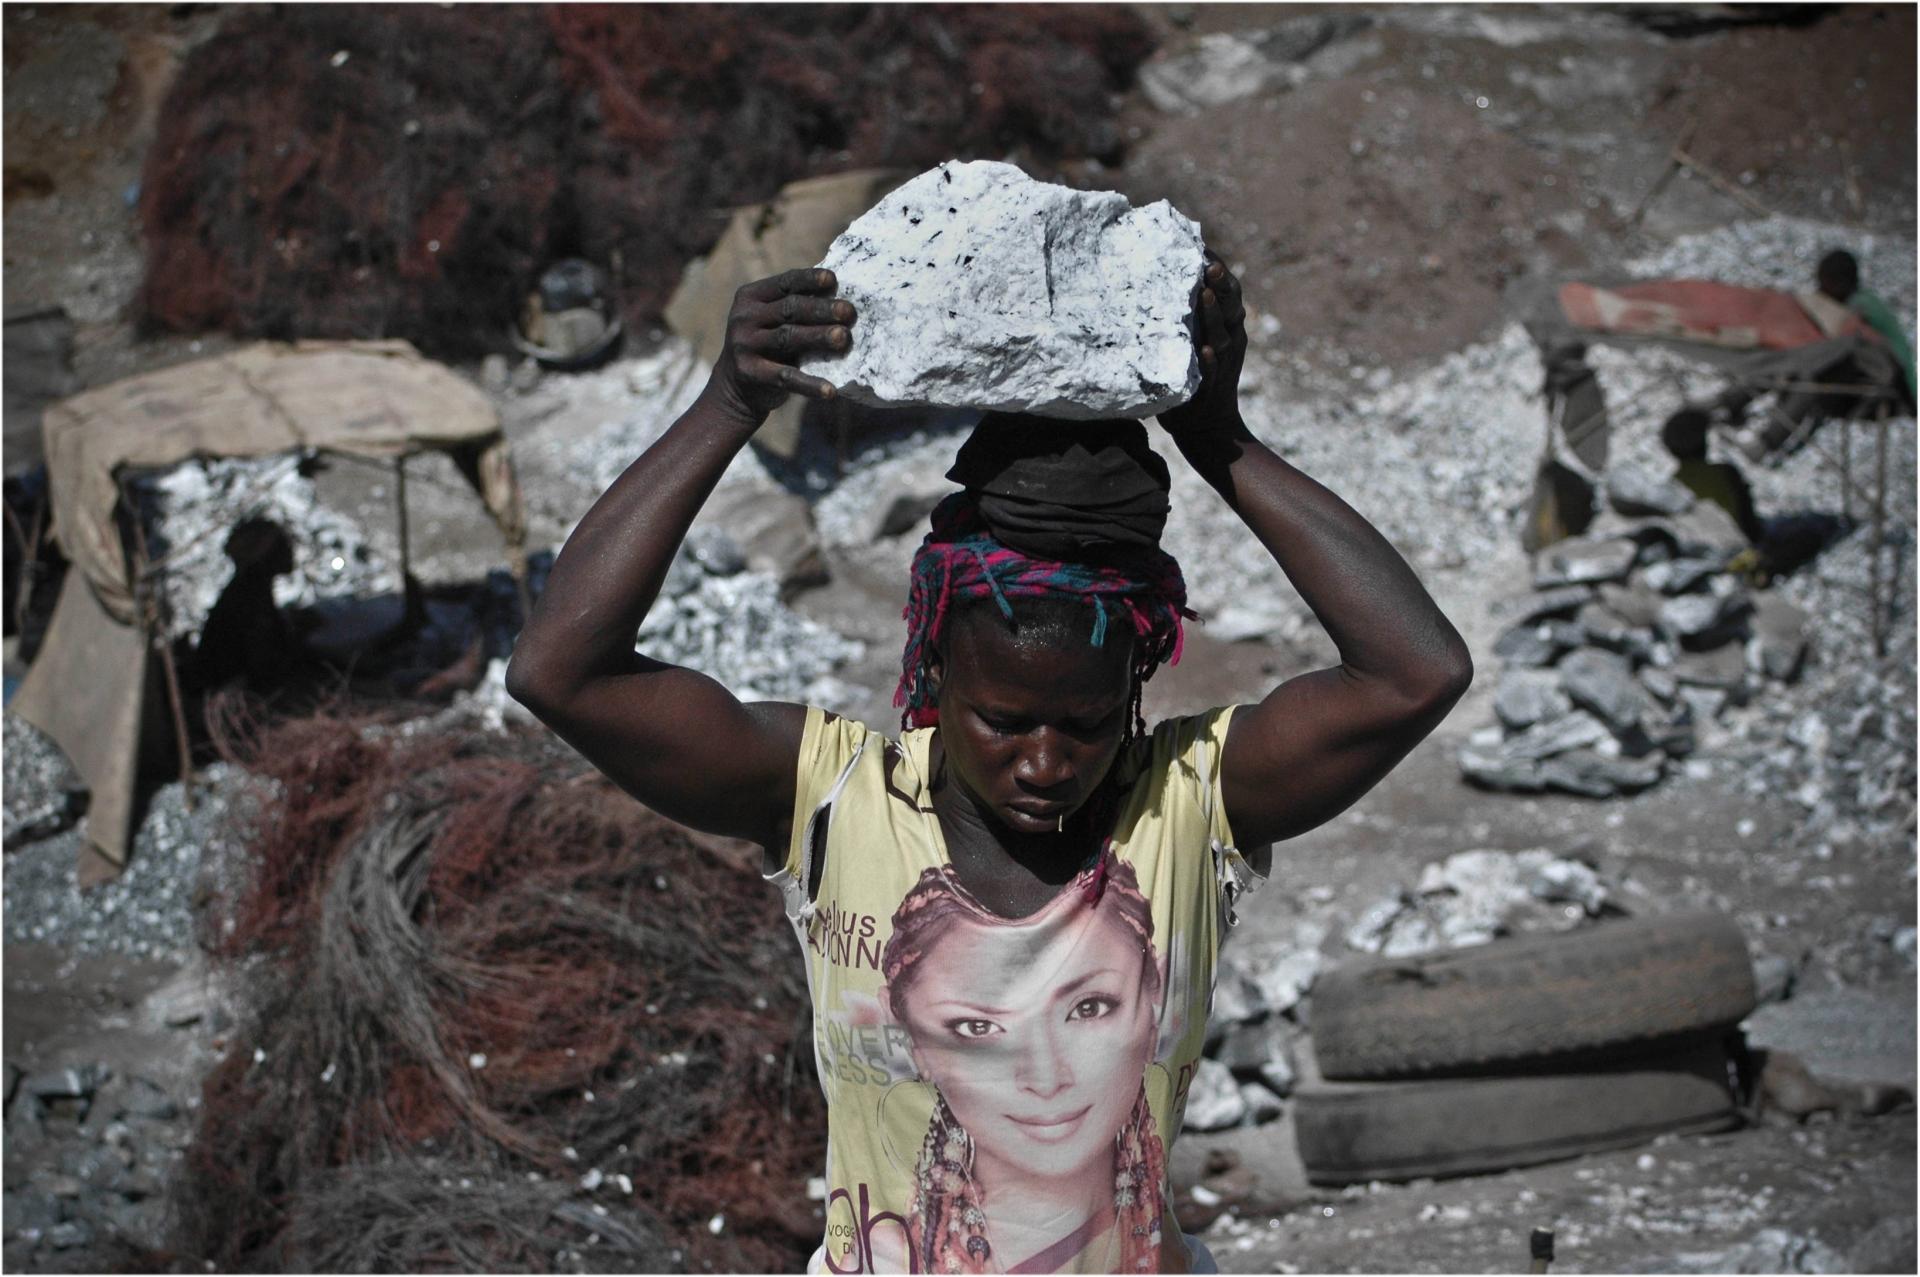 Carrière de granit au Burkina-Faso, de Mohamed_Ouedraogo